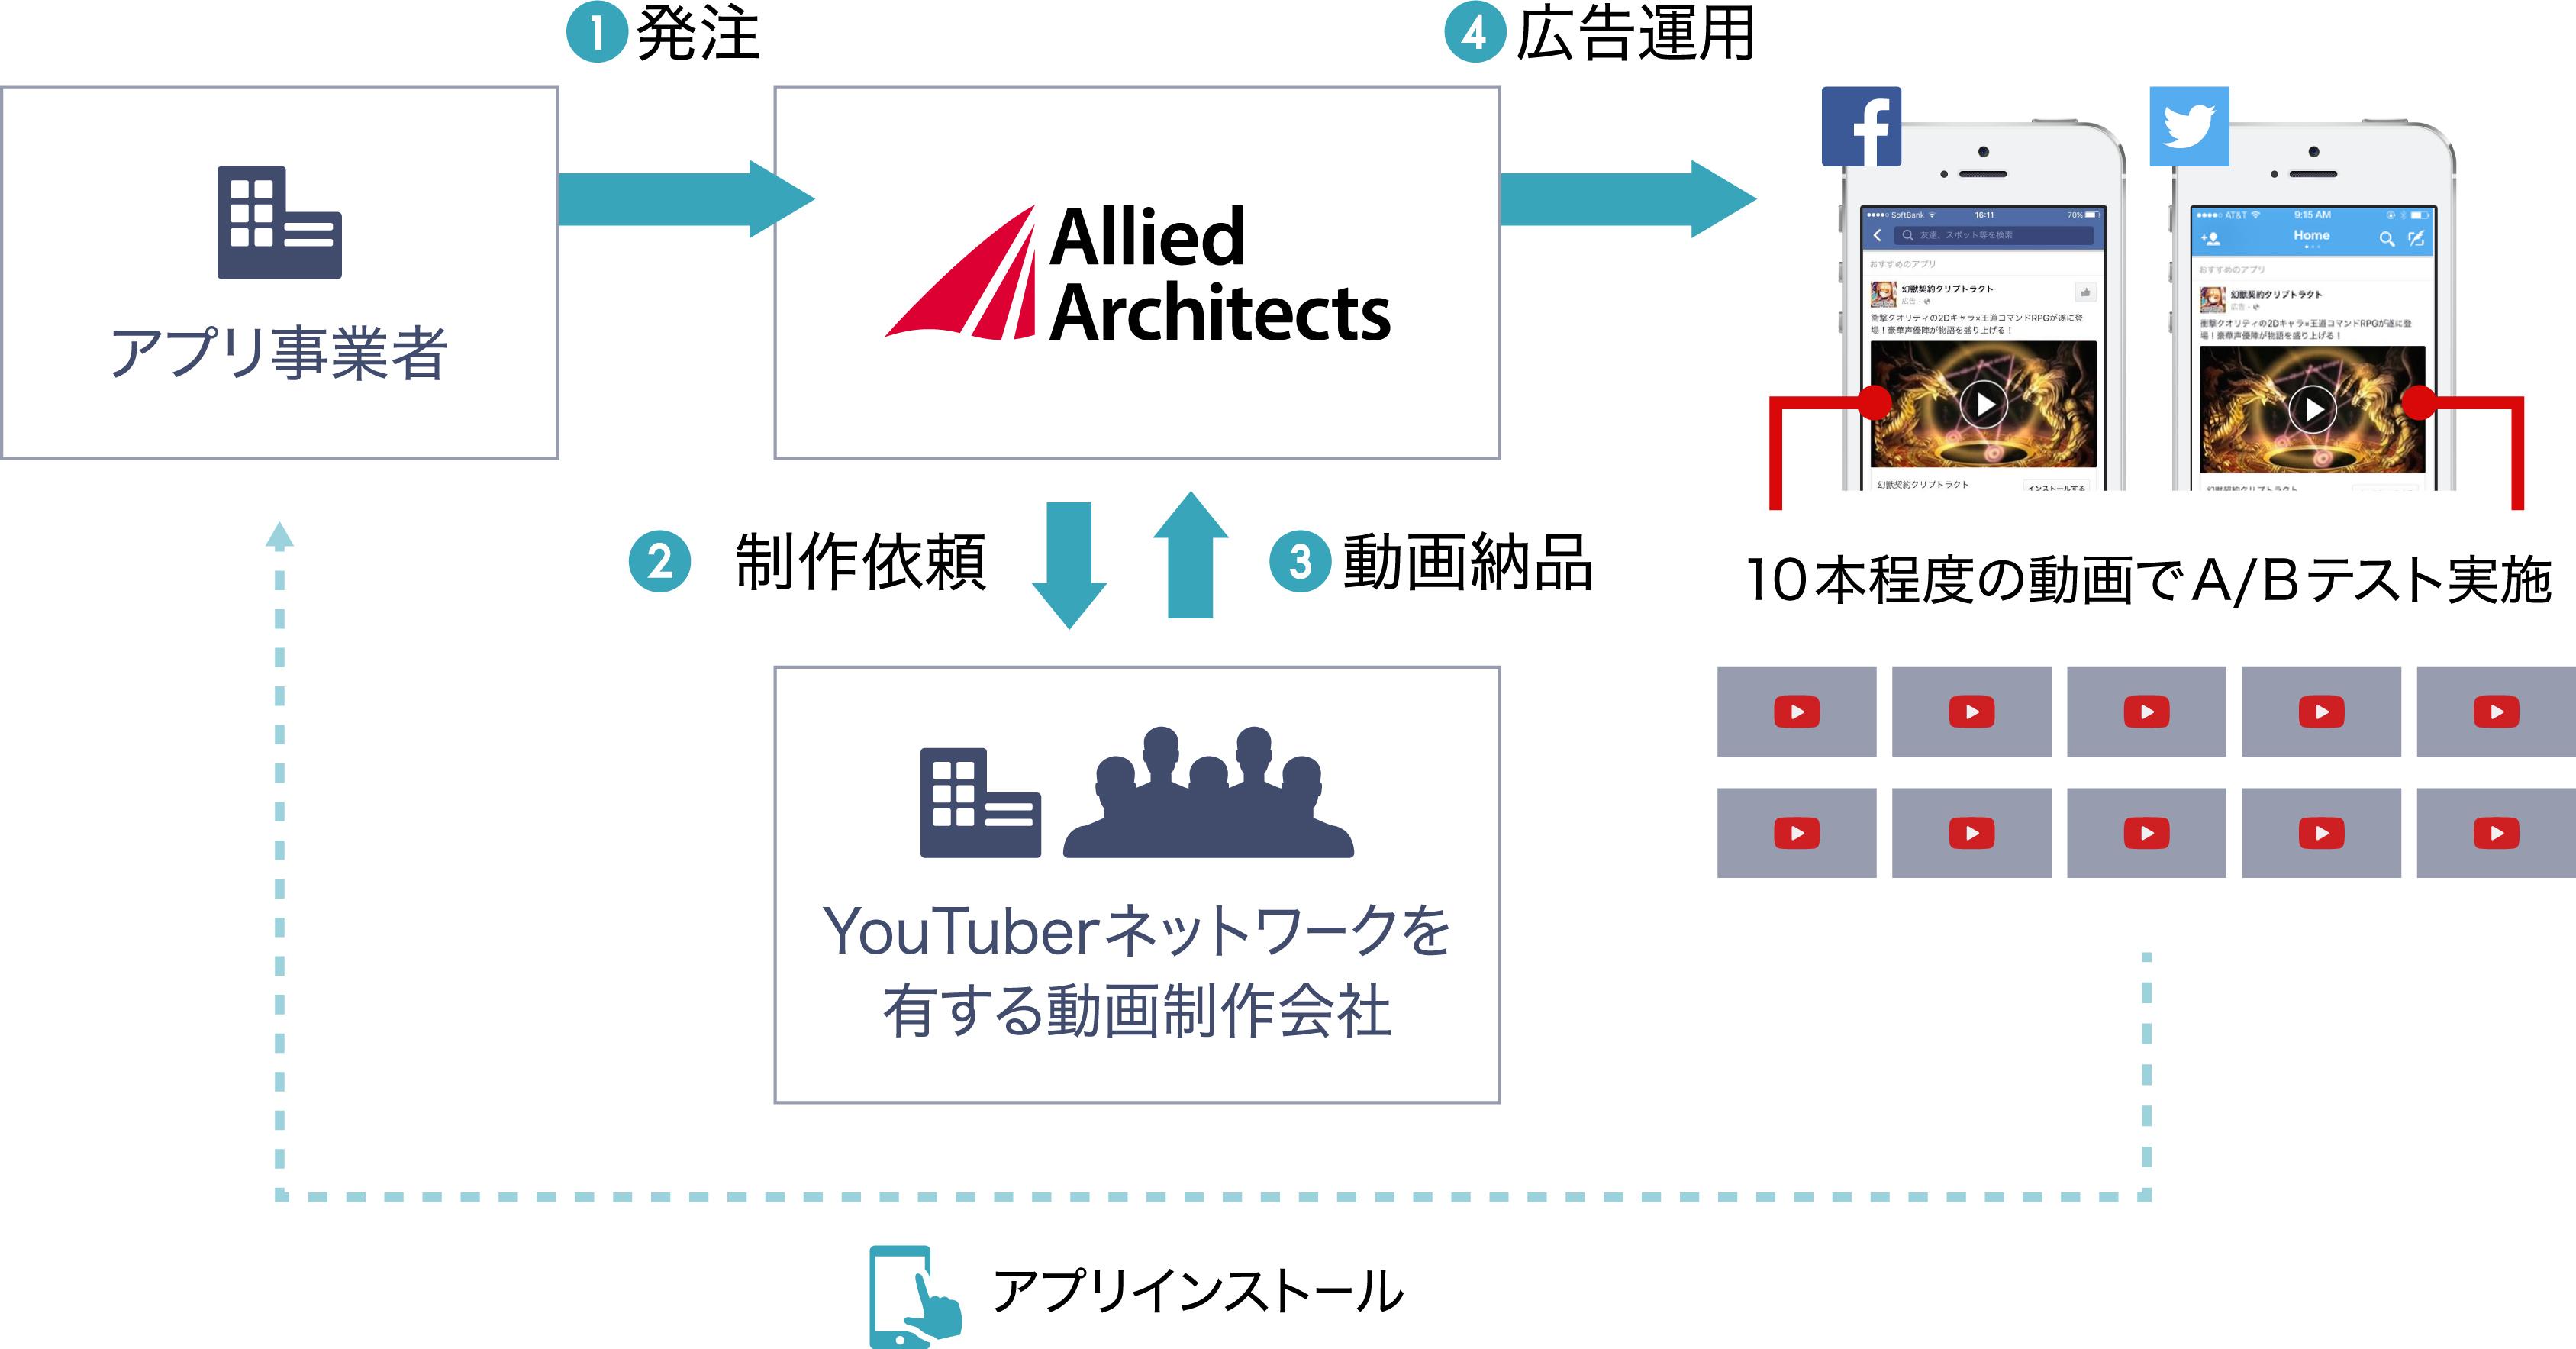 YouTuberを活用したSNS動画広告サービス イメージ